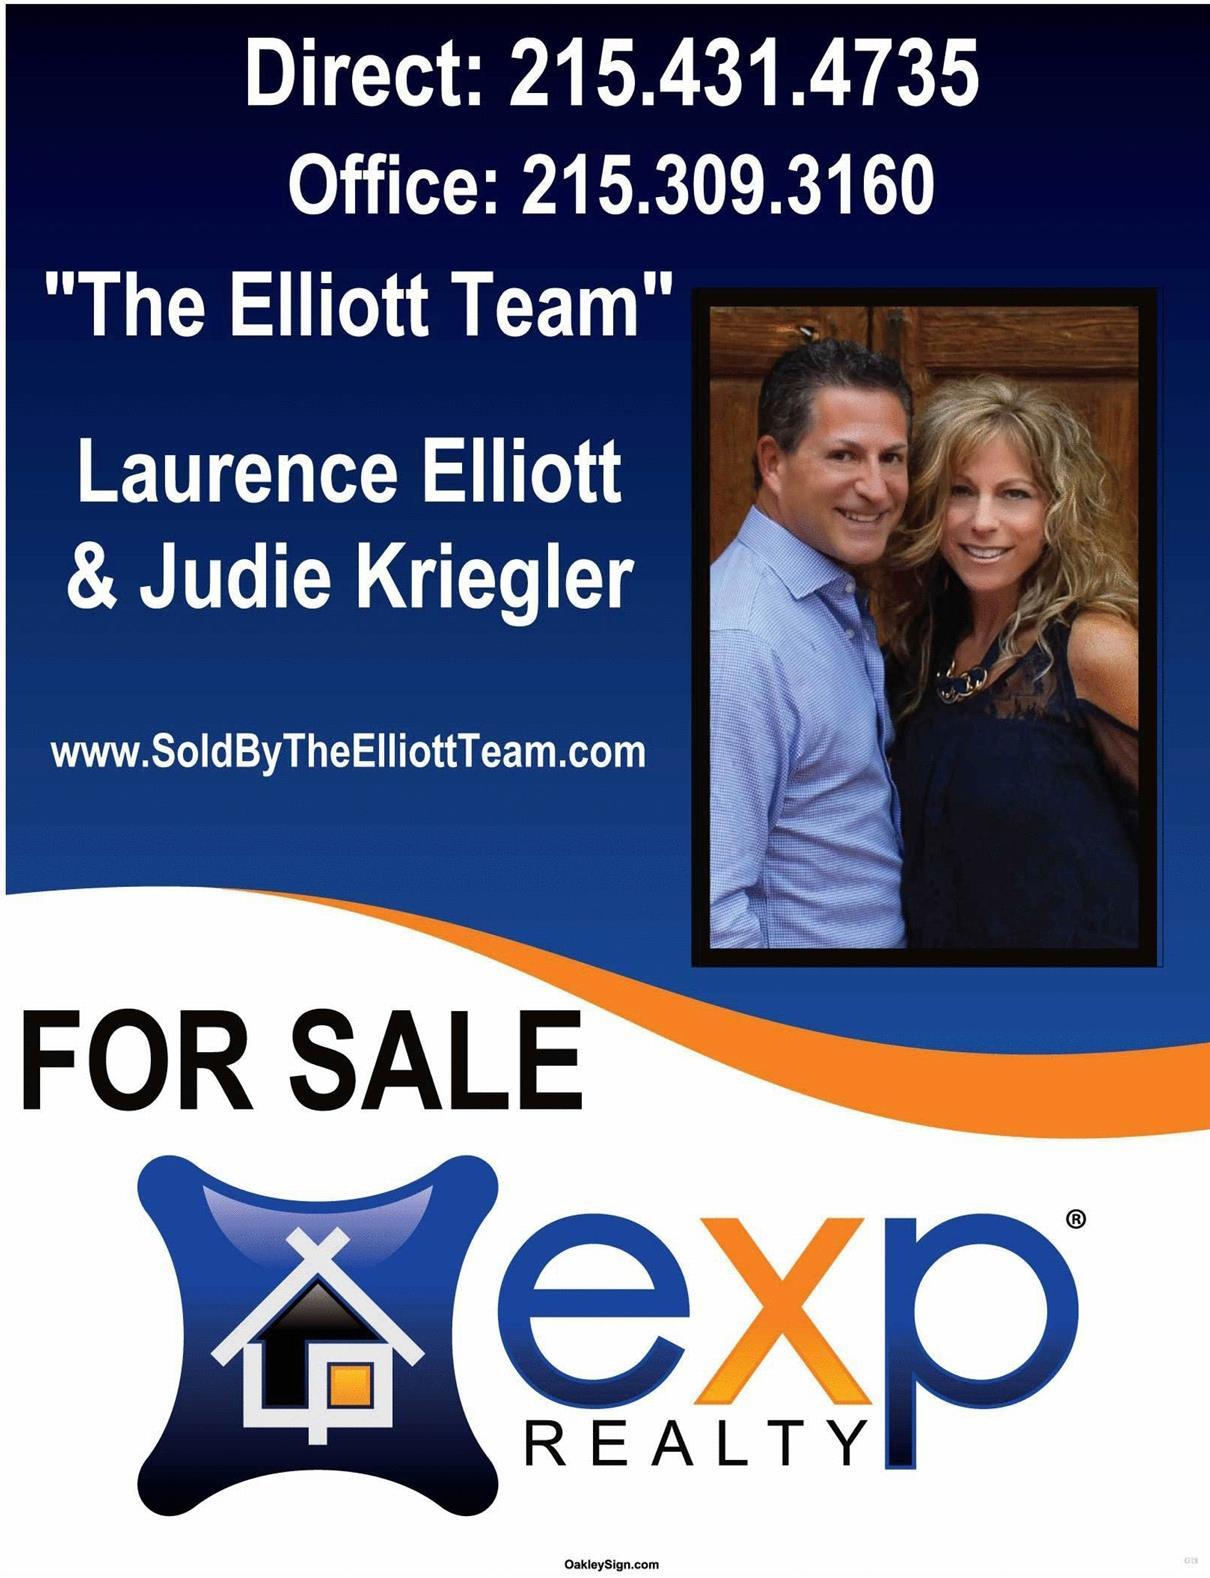 The Elliott Team Philadelphia Real Estate Sales and Listings 215.431.4735